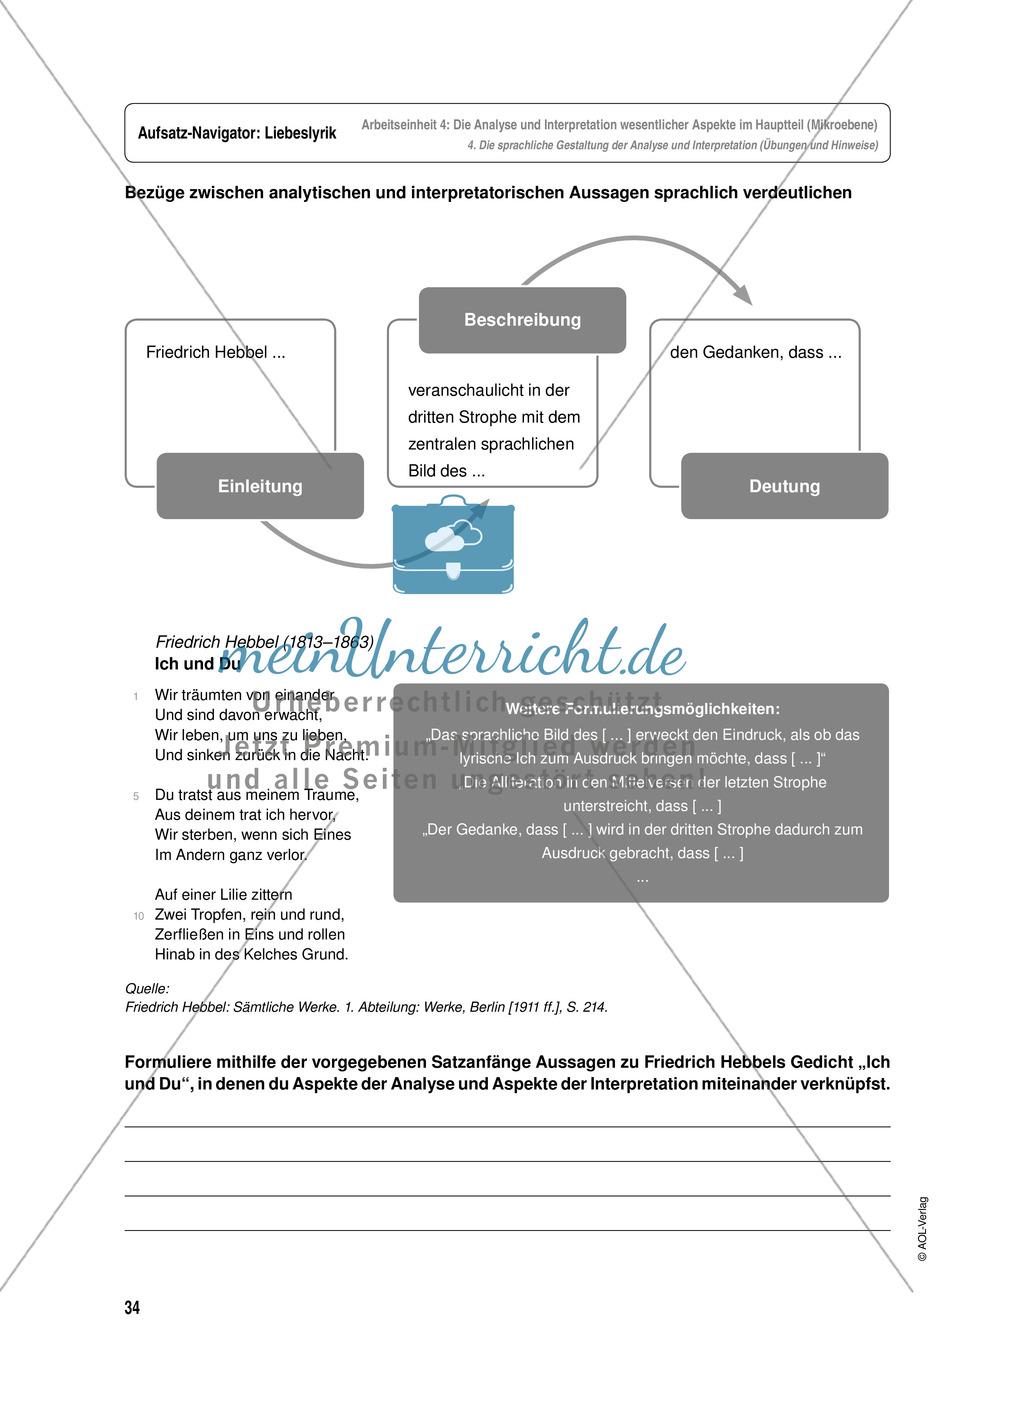 Arbeitseinheit zur Gestaltung einer Analyse / Interpretation von Liebeslyrik - Die Analyse und Interpretation wesentlicher Aspekte im Hauptteil (Mikroebene) Preview 11